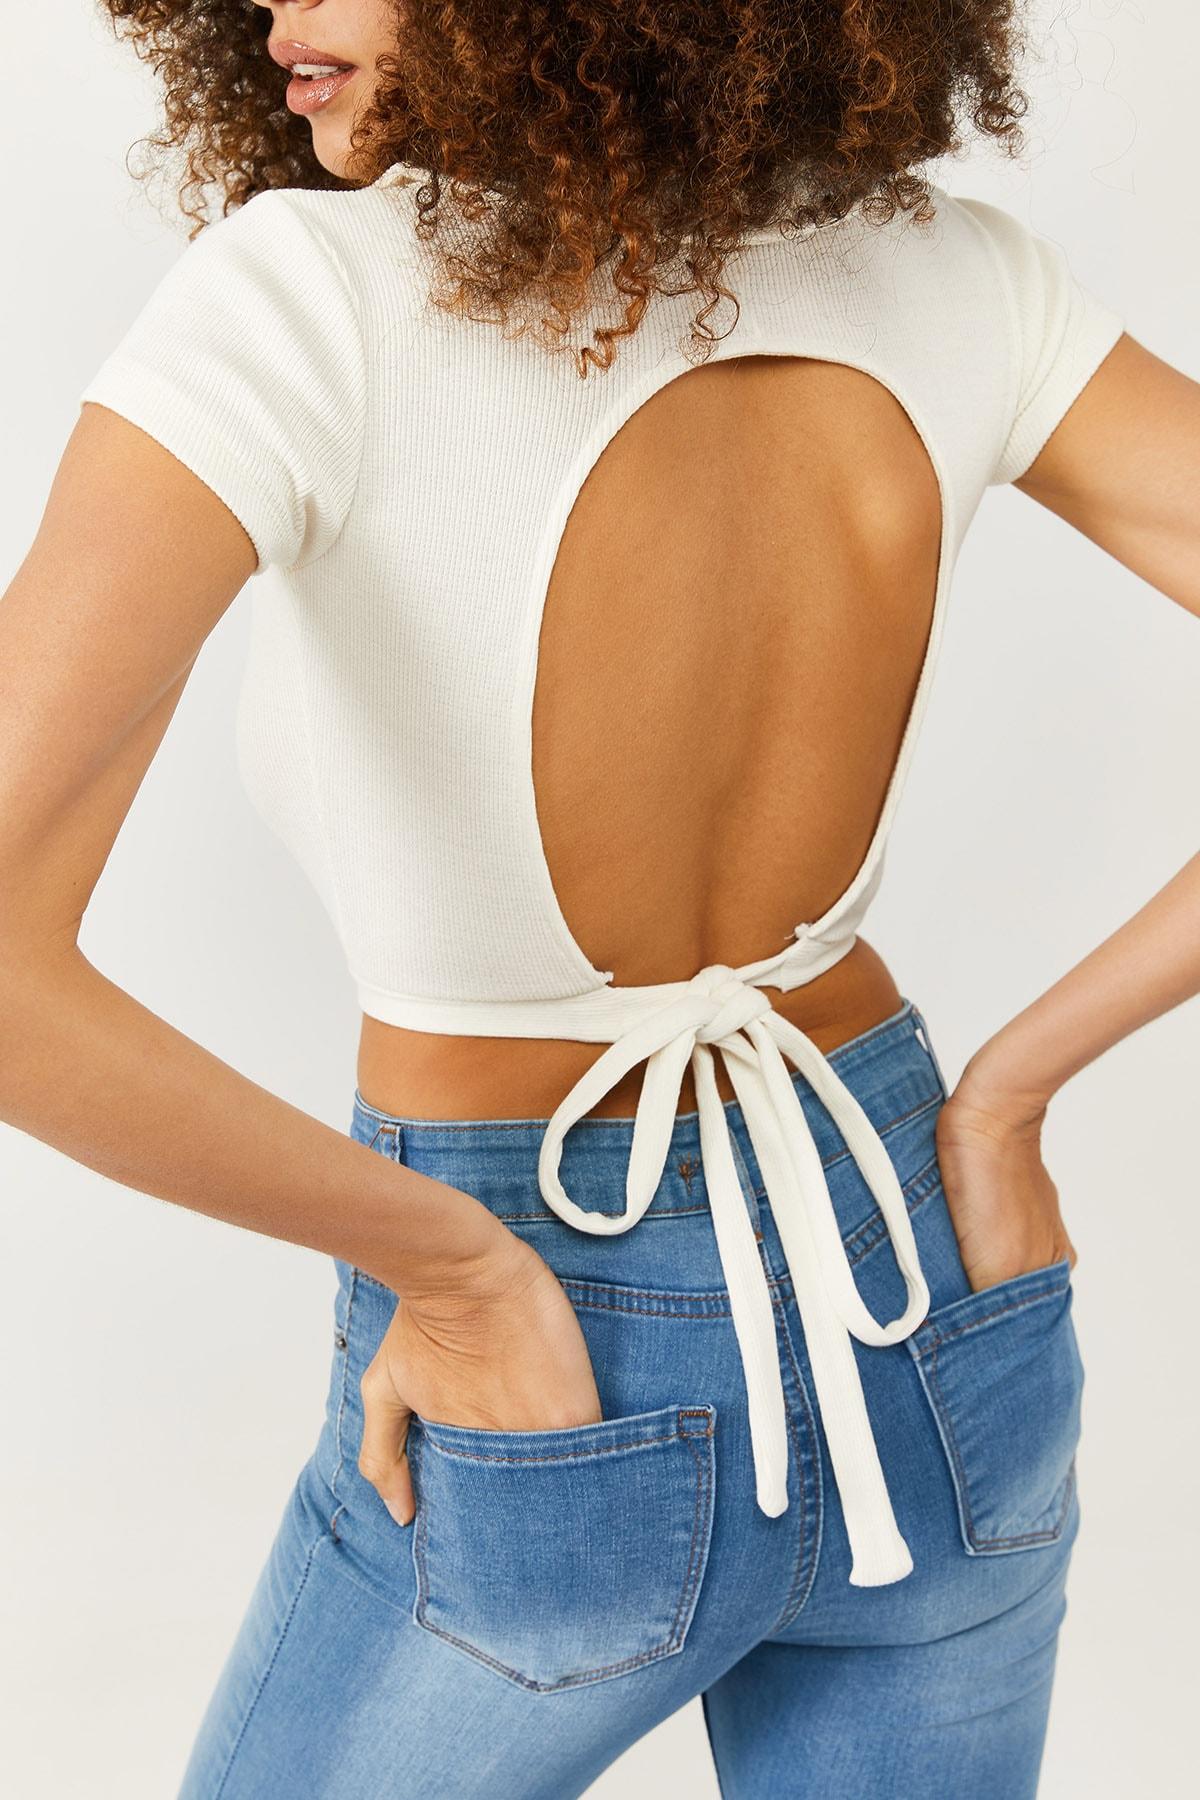 XENA Kadın Beyaz Polo Yaka Sırt Detaylı Bluz 1KZK2-11338-01 1